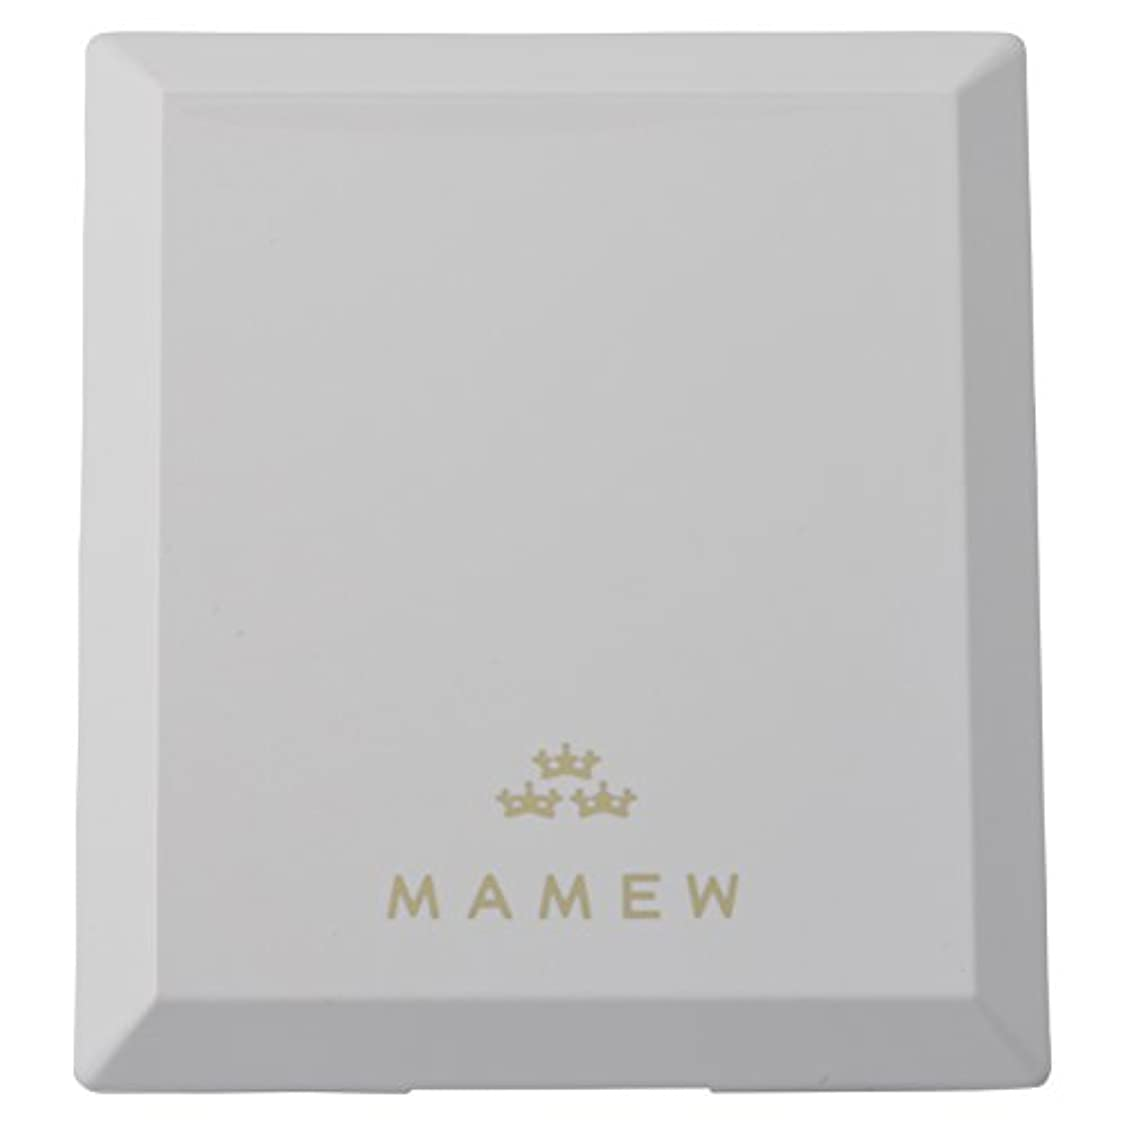 公平血色の良い認めるMAMEW(マミュ) カラーコレクションケース-メイクパレッド 鏡付き